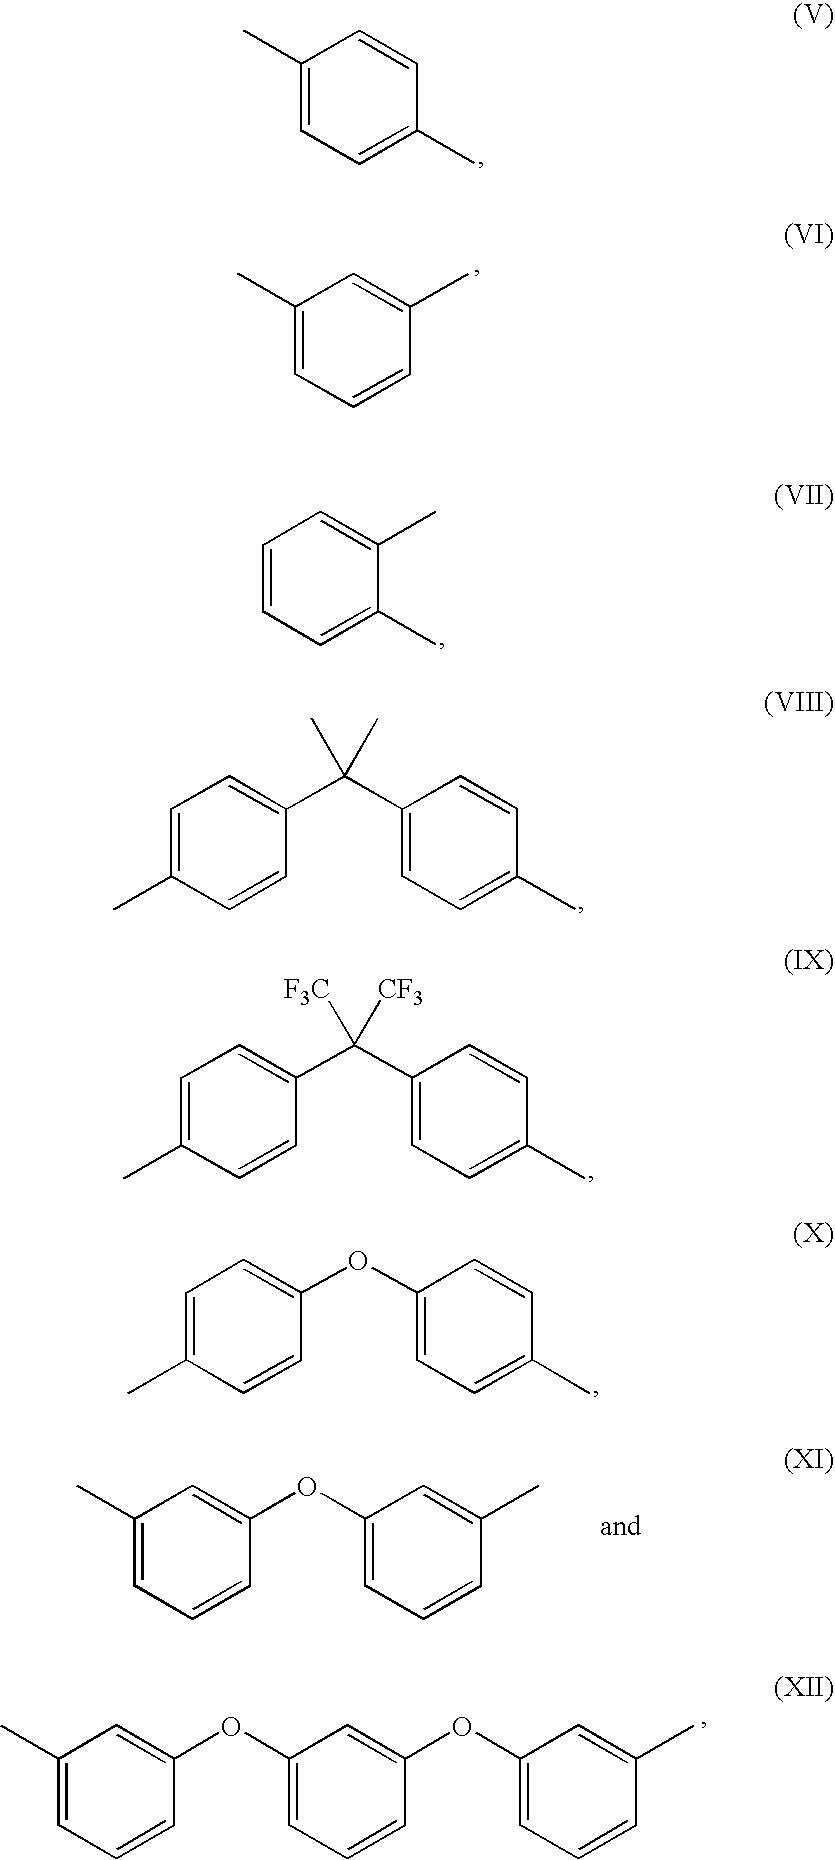 Figure US08383756-20130226-C00002